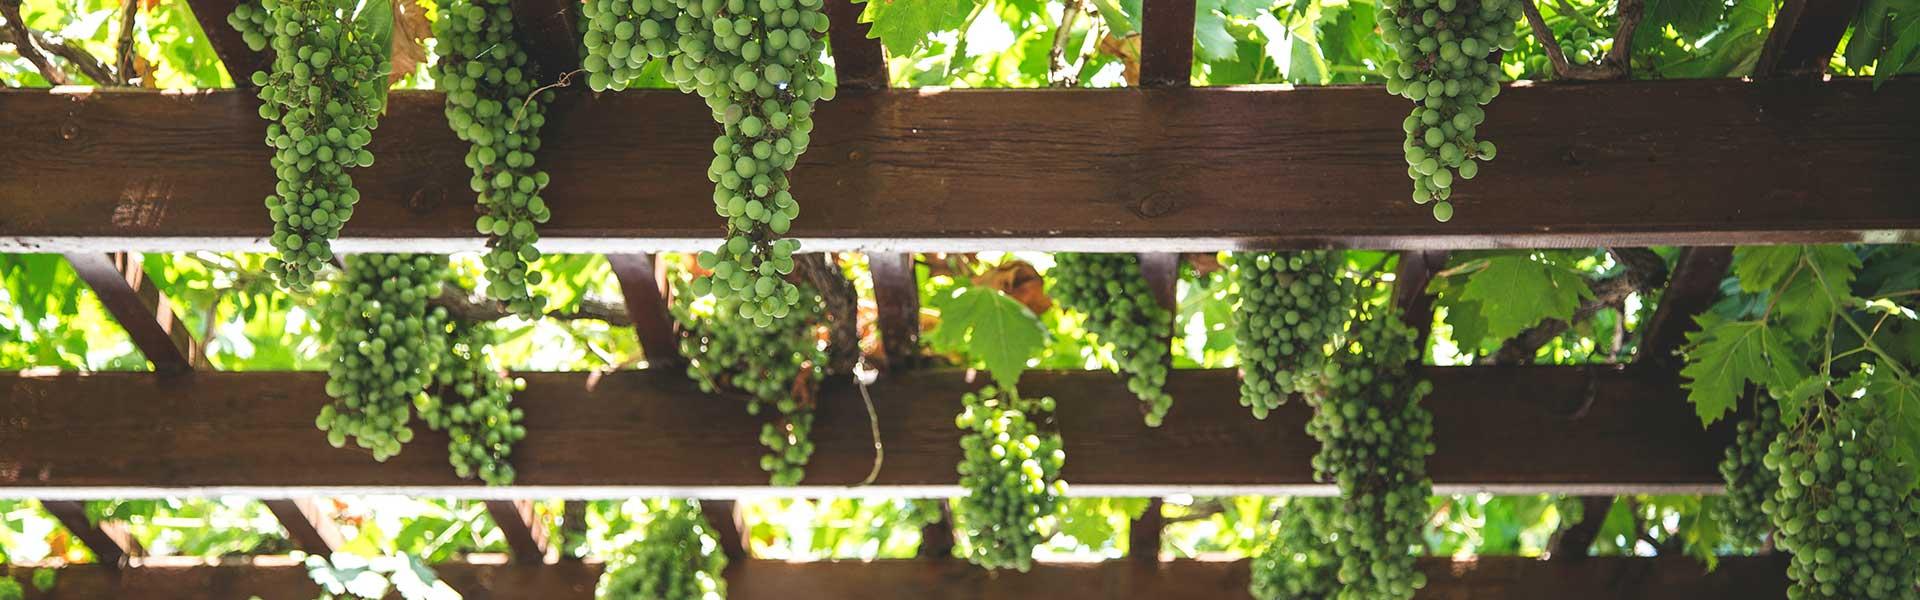 Donauwirt Slide Wein